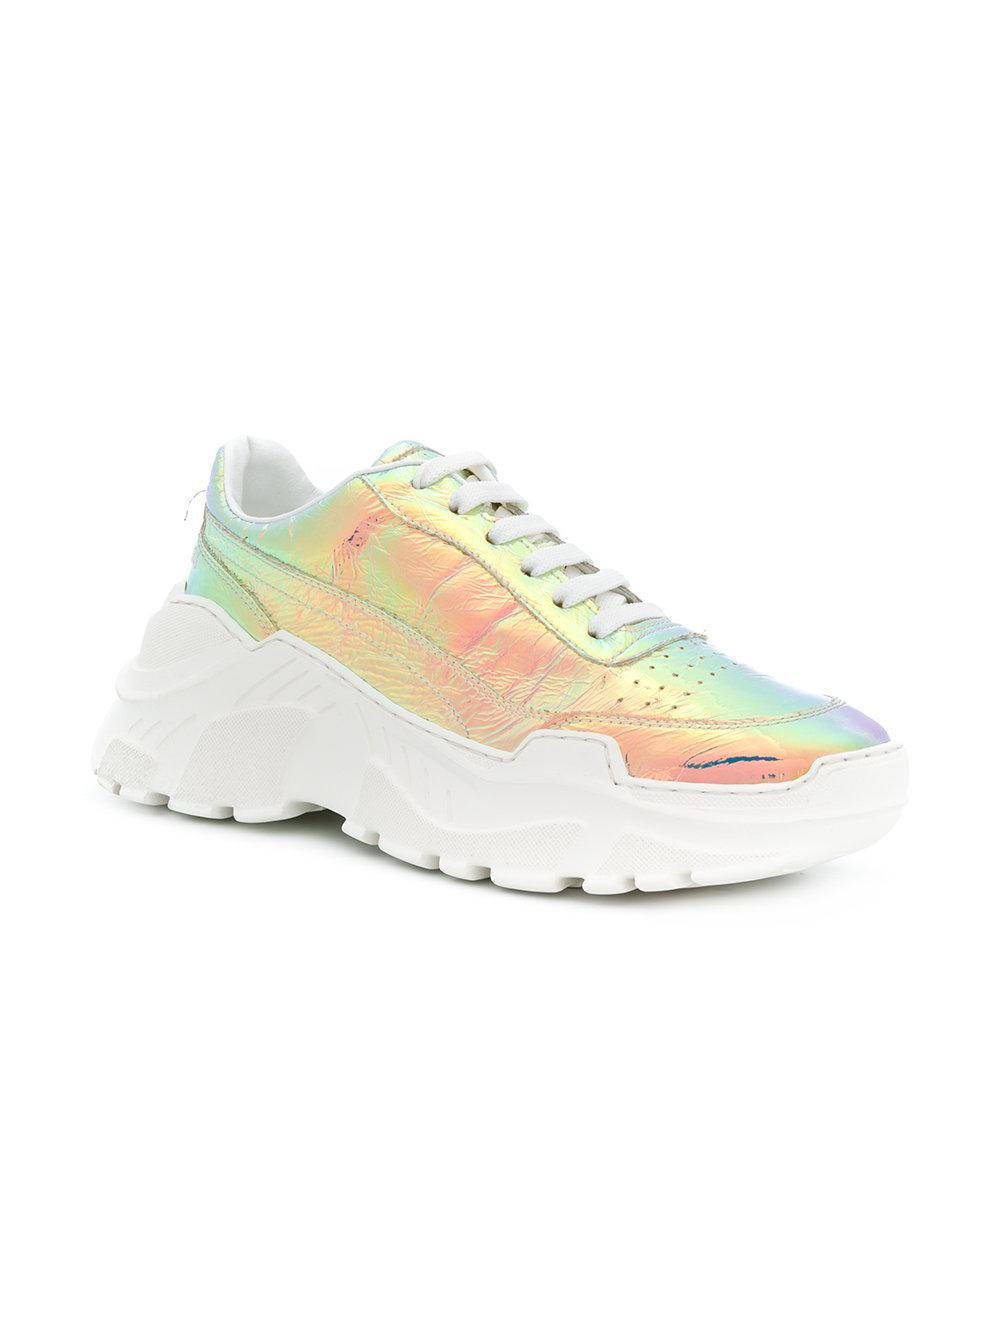 Joshua Ponceuses Chaussures De Sport D'hologramme Zénithal - Métalliques Quua2